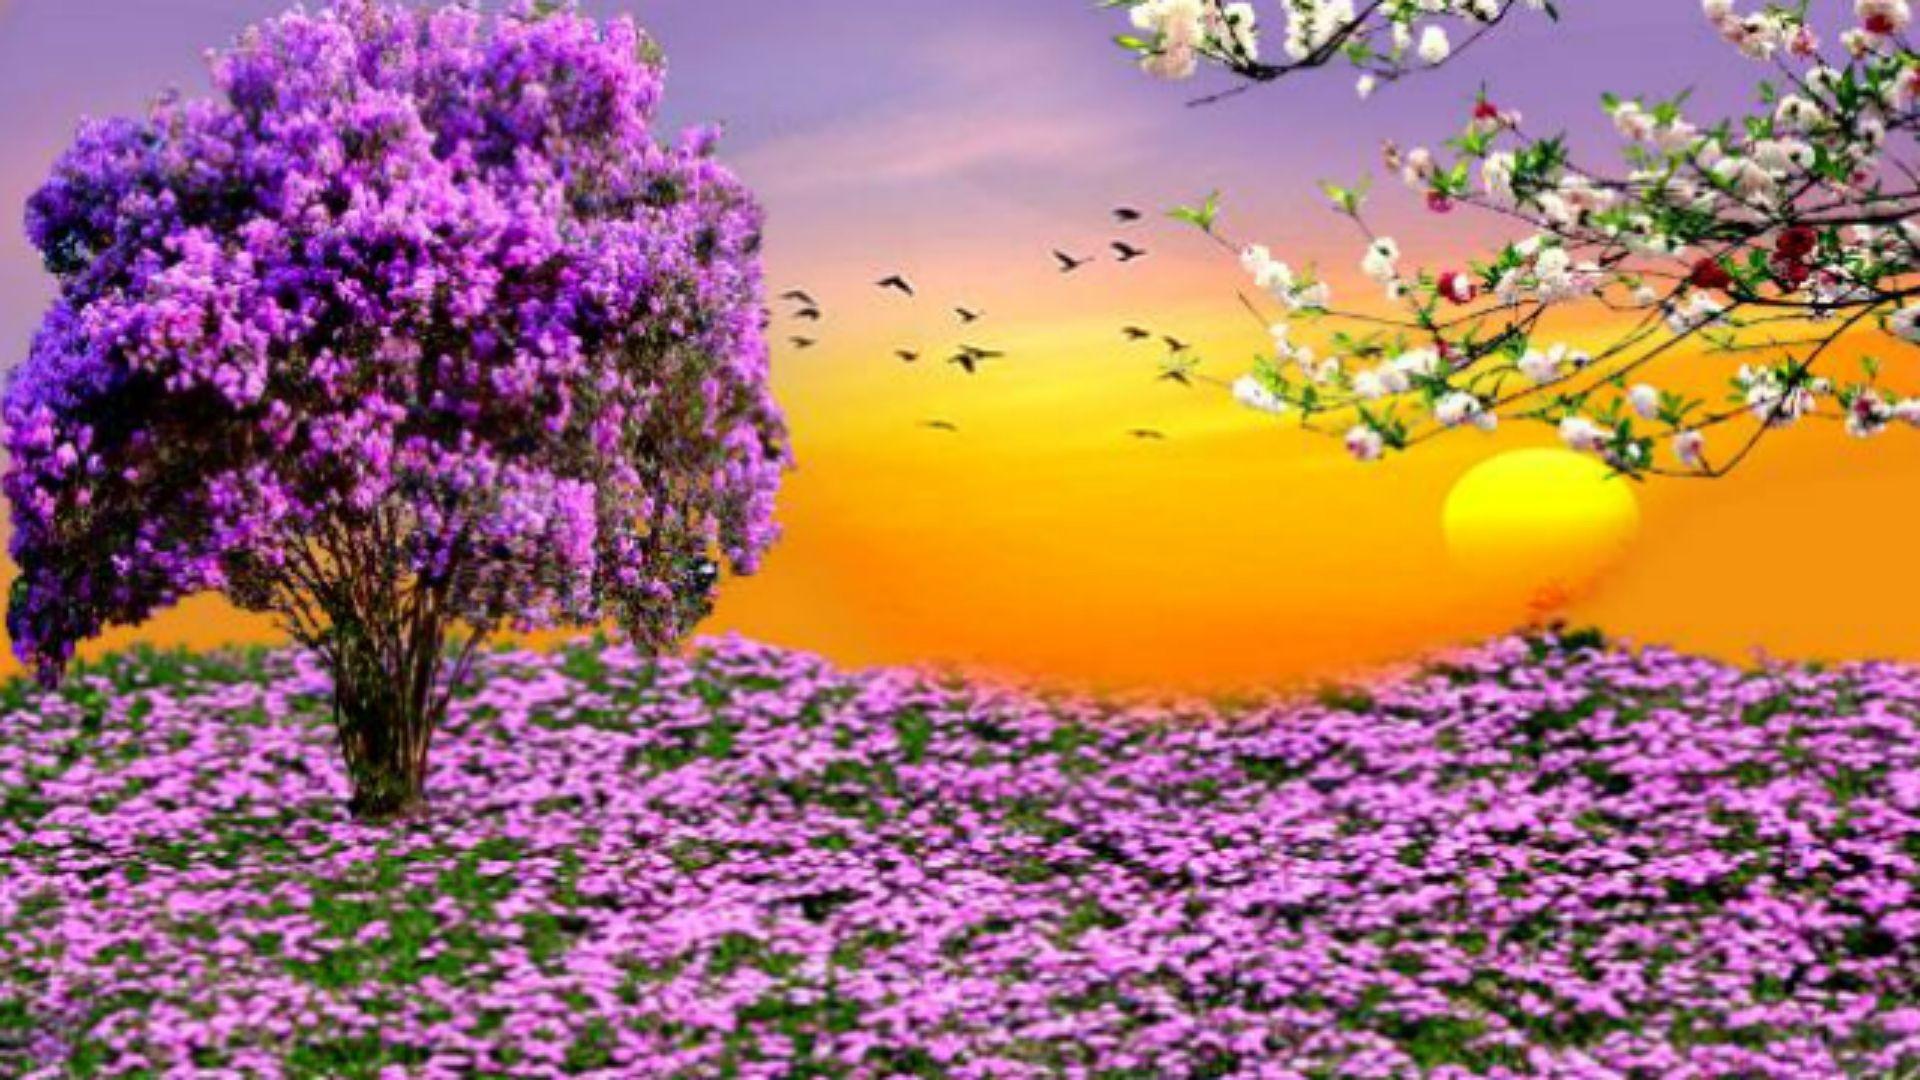 Spring Scenes Desktop Wallpapers – HD Wallpapers Backgrounds of .